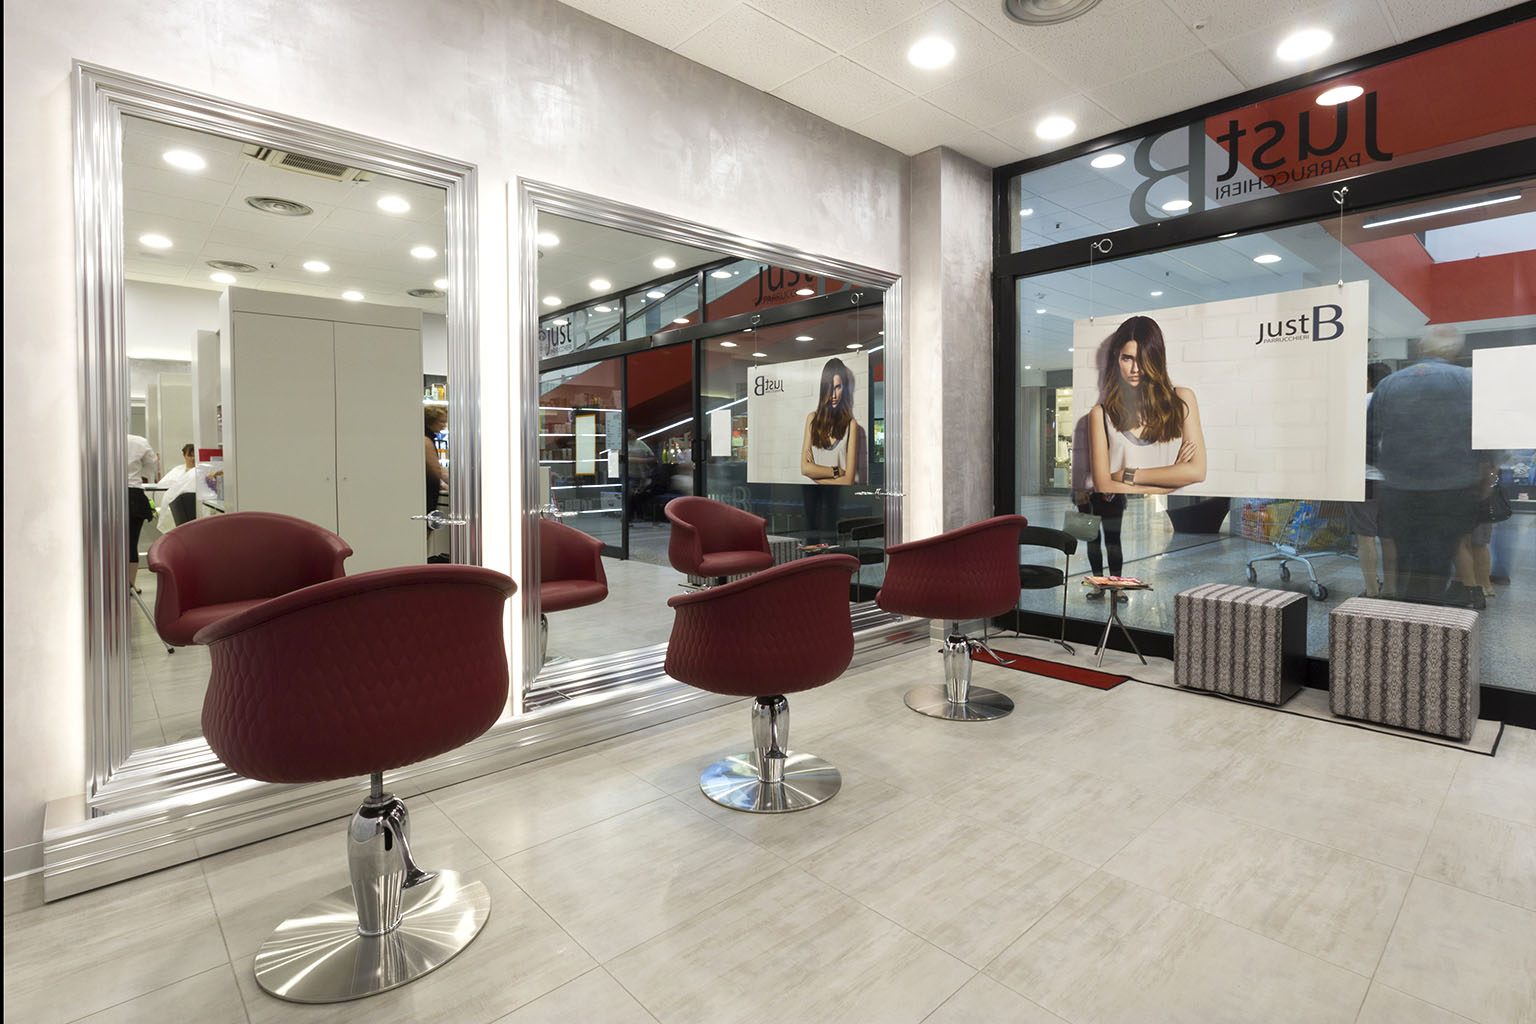 Promozione parrucchiere donna cant centro commerciale for Negozi arredamento cantu